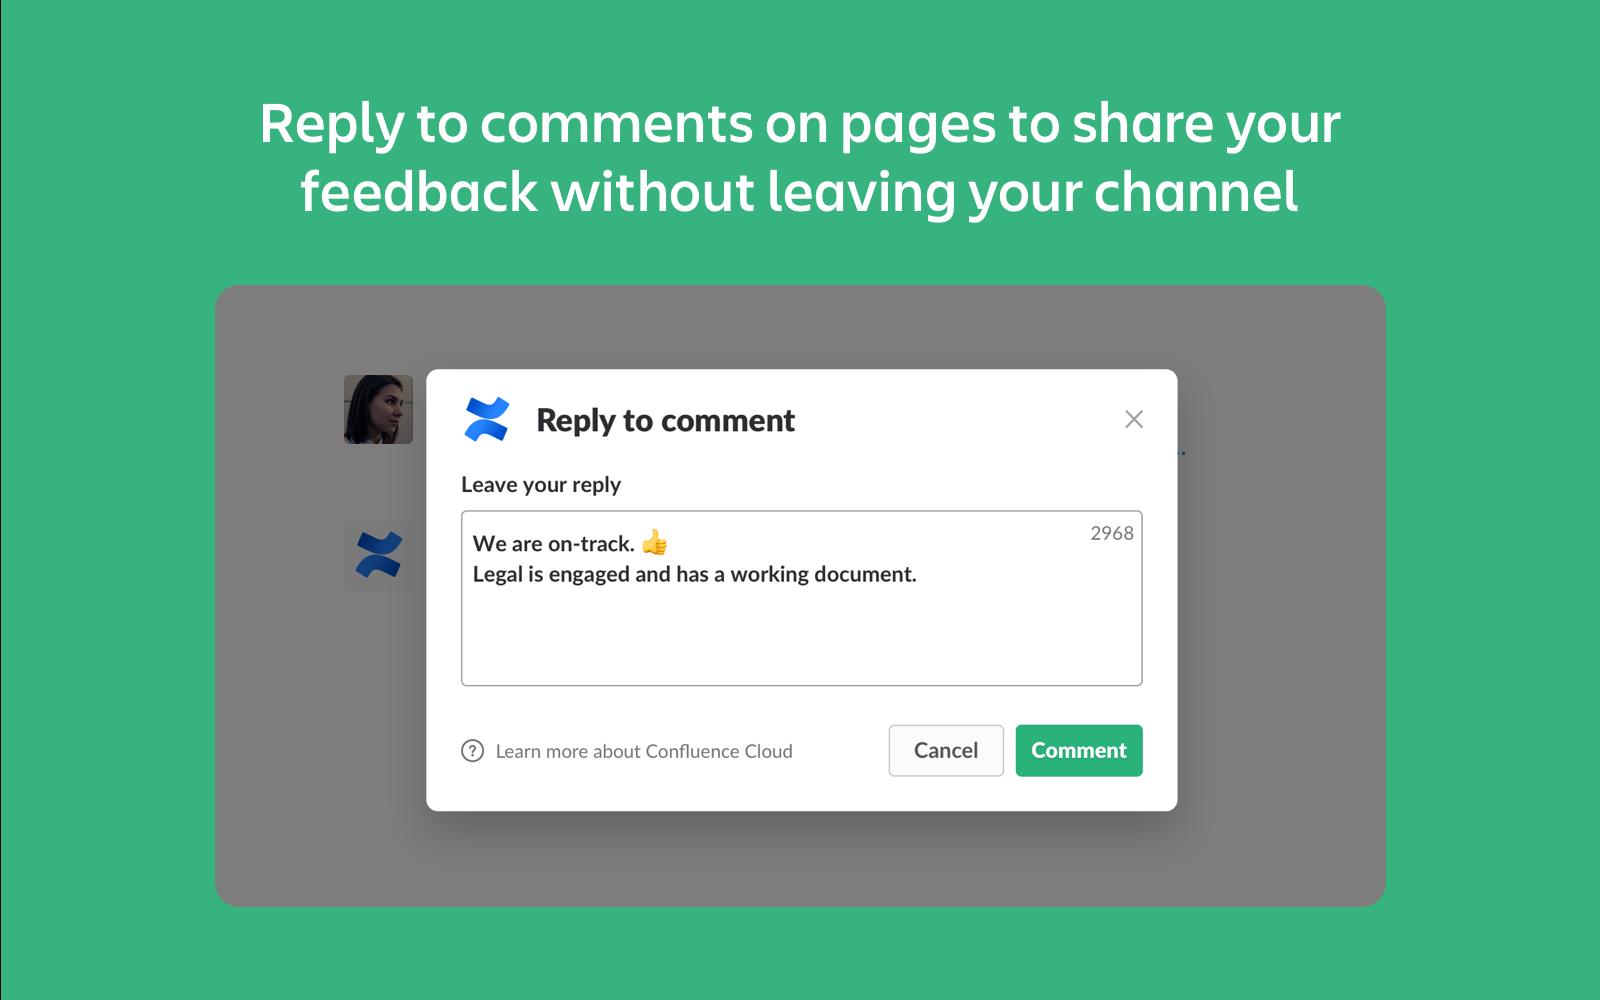 Répondez à des commentaires sur des pagesConfluence sans quitter votre canal Slack